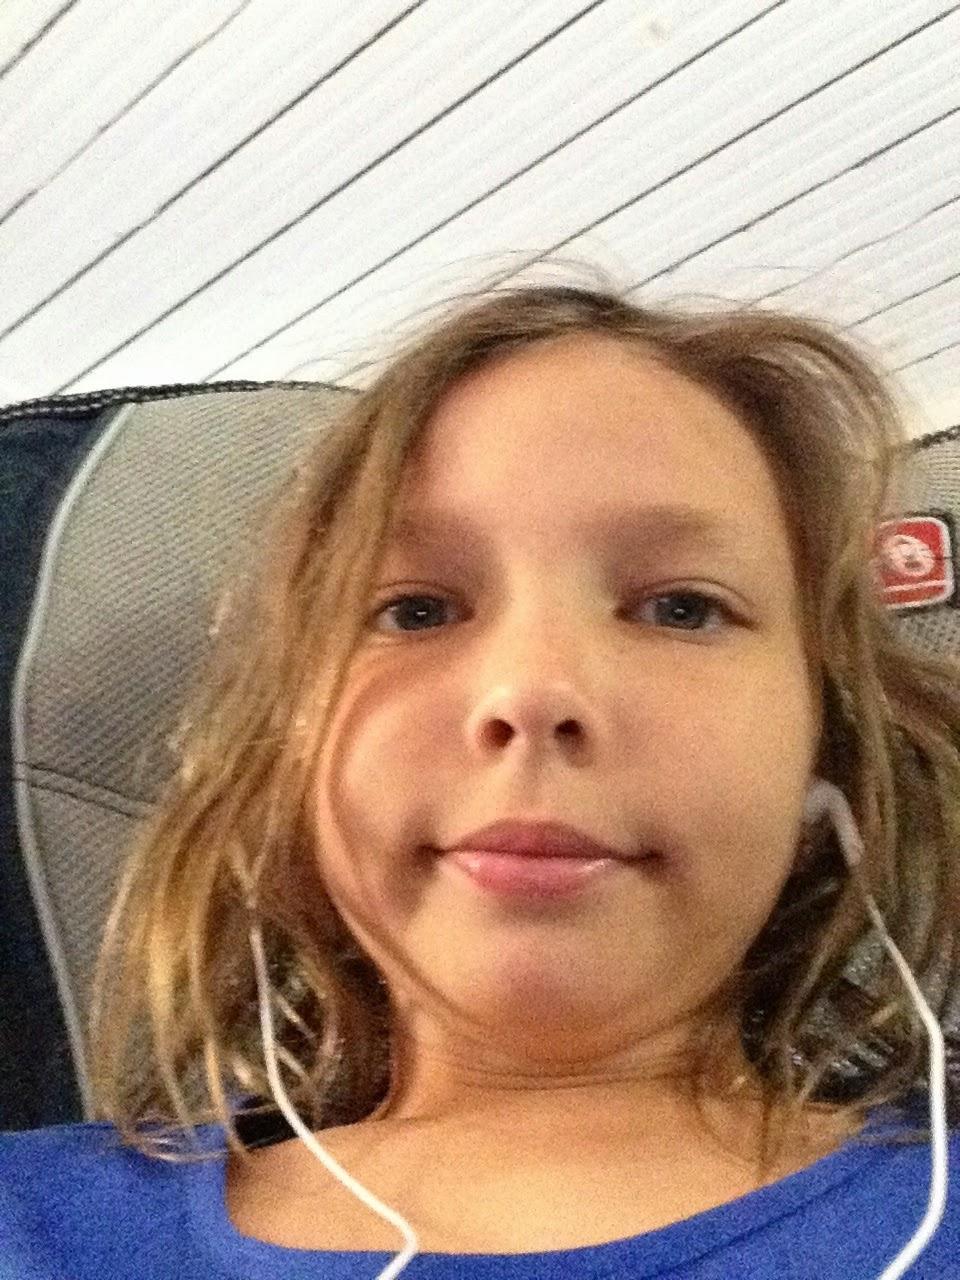 11 Year Old Girl Selfie